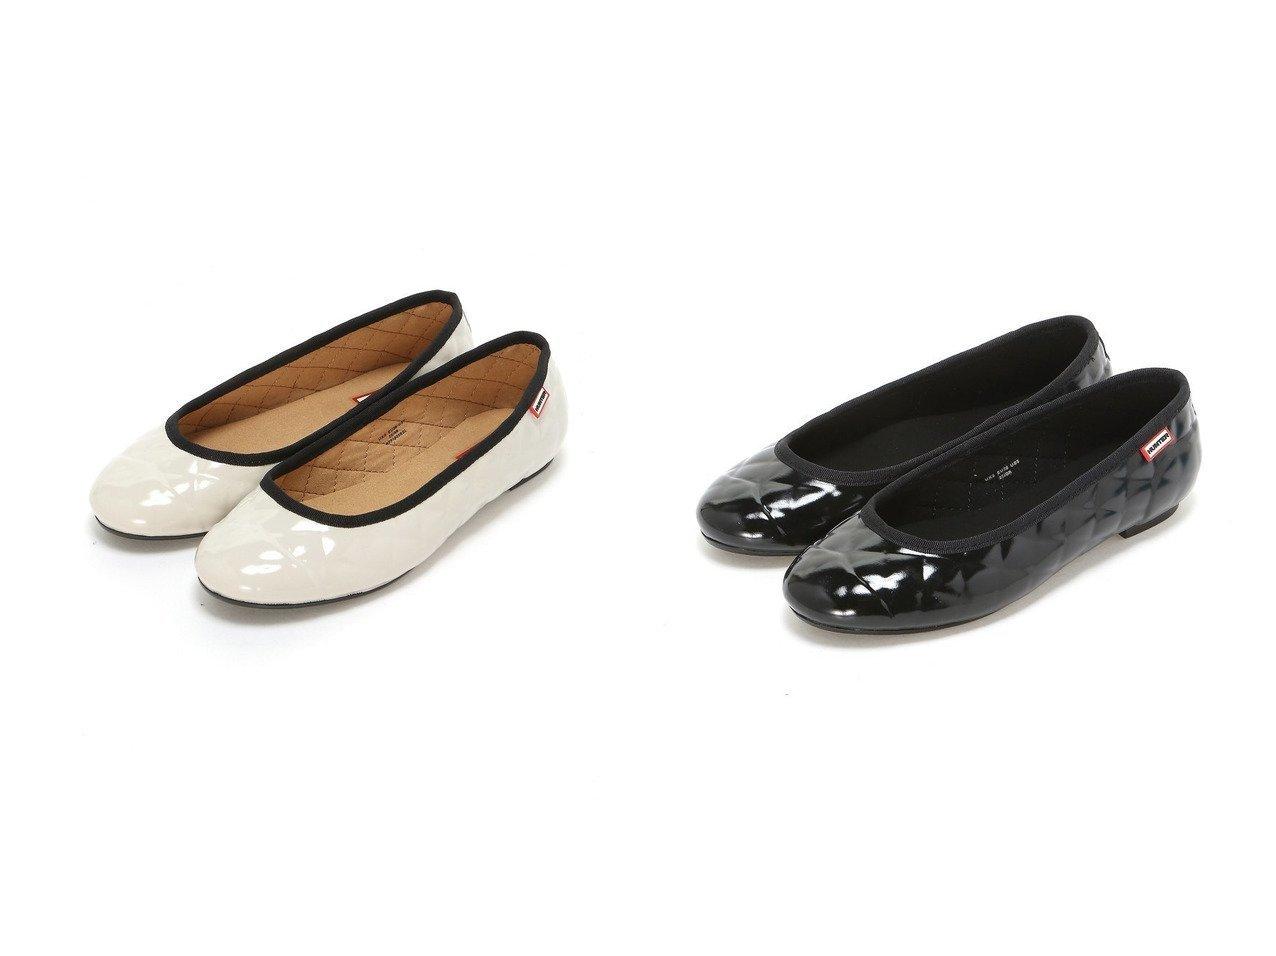 【HUNTER/ハンター】のORIGINAL QUILTED BALLERINA GLO 【シューズ・靴】おすすめ!人気、トレンド・レディースファッションの通販 おすすめで人気の流行・トレンド、ファッションの通販商品 インテリア・家具・メンズファッション・キッズファッション・レディースファッション・服の通販 founy(ファニー) https://founy.com/ ファッション Fashion レディースファッション WOMEN S/S・春夏 SS・Spring/Summer シューズ バレエ ラバー 再入荷 Restock/Back in Stock/Re Arrival 夏 Summer 春 Spring |ID:crp329100000047554